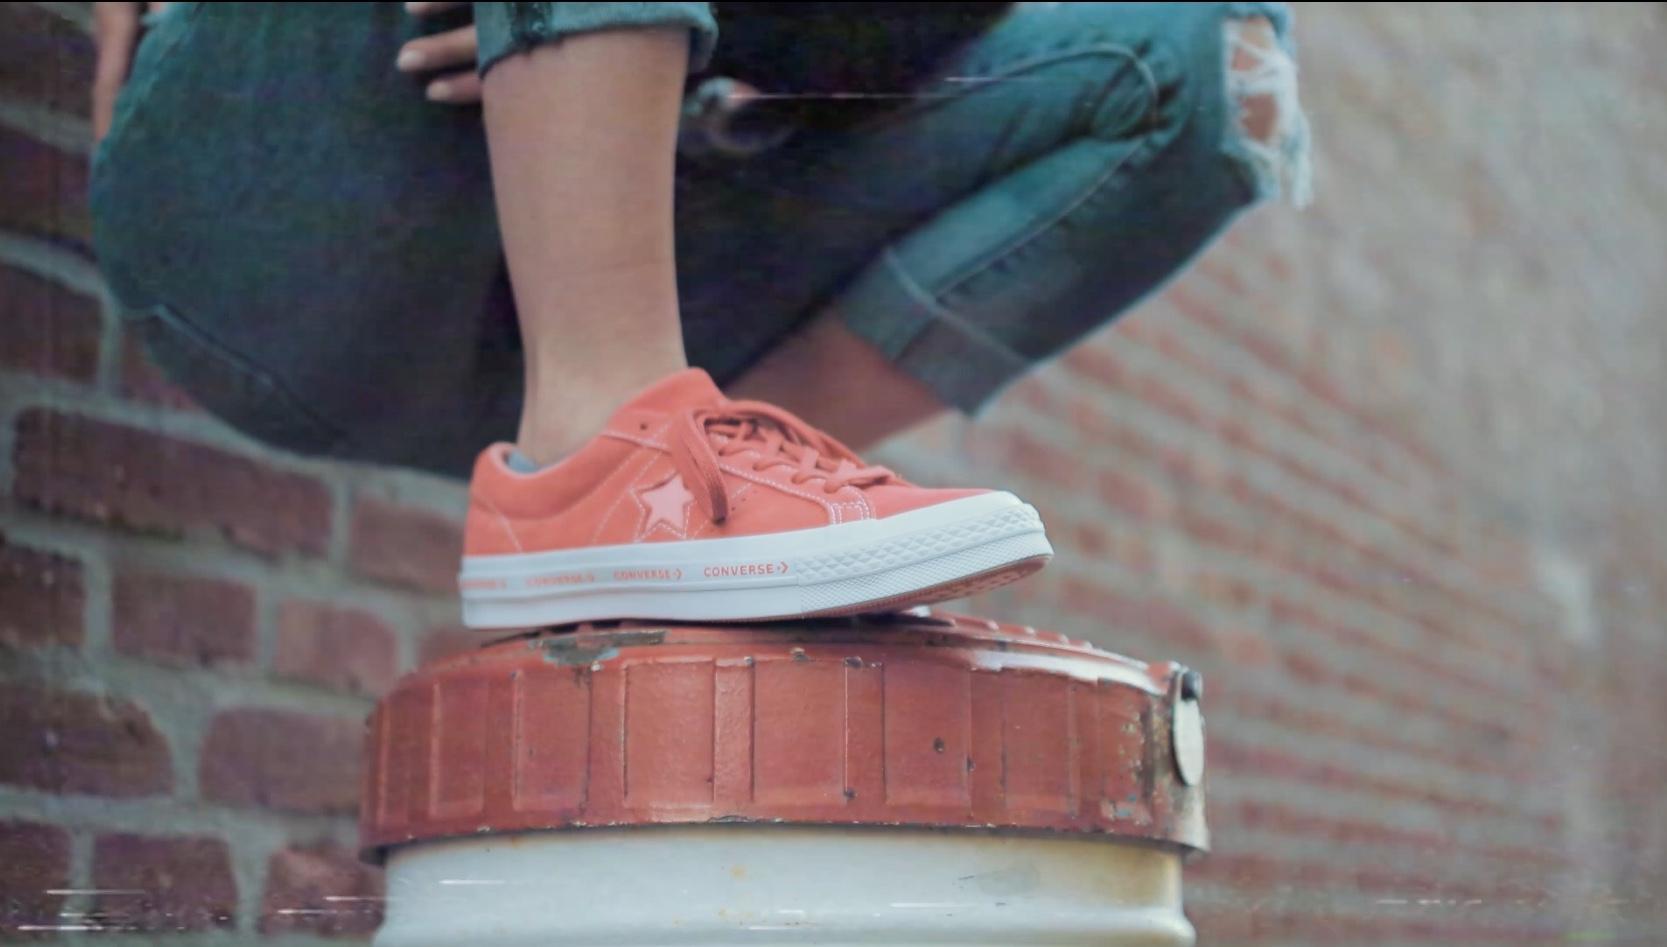 Converse Schuhe vor Backsteinwand